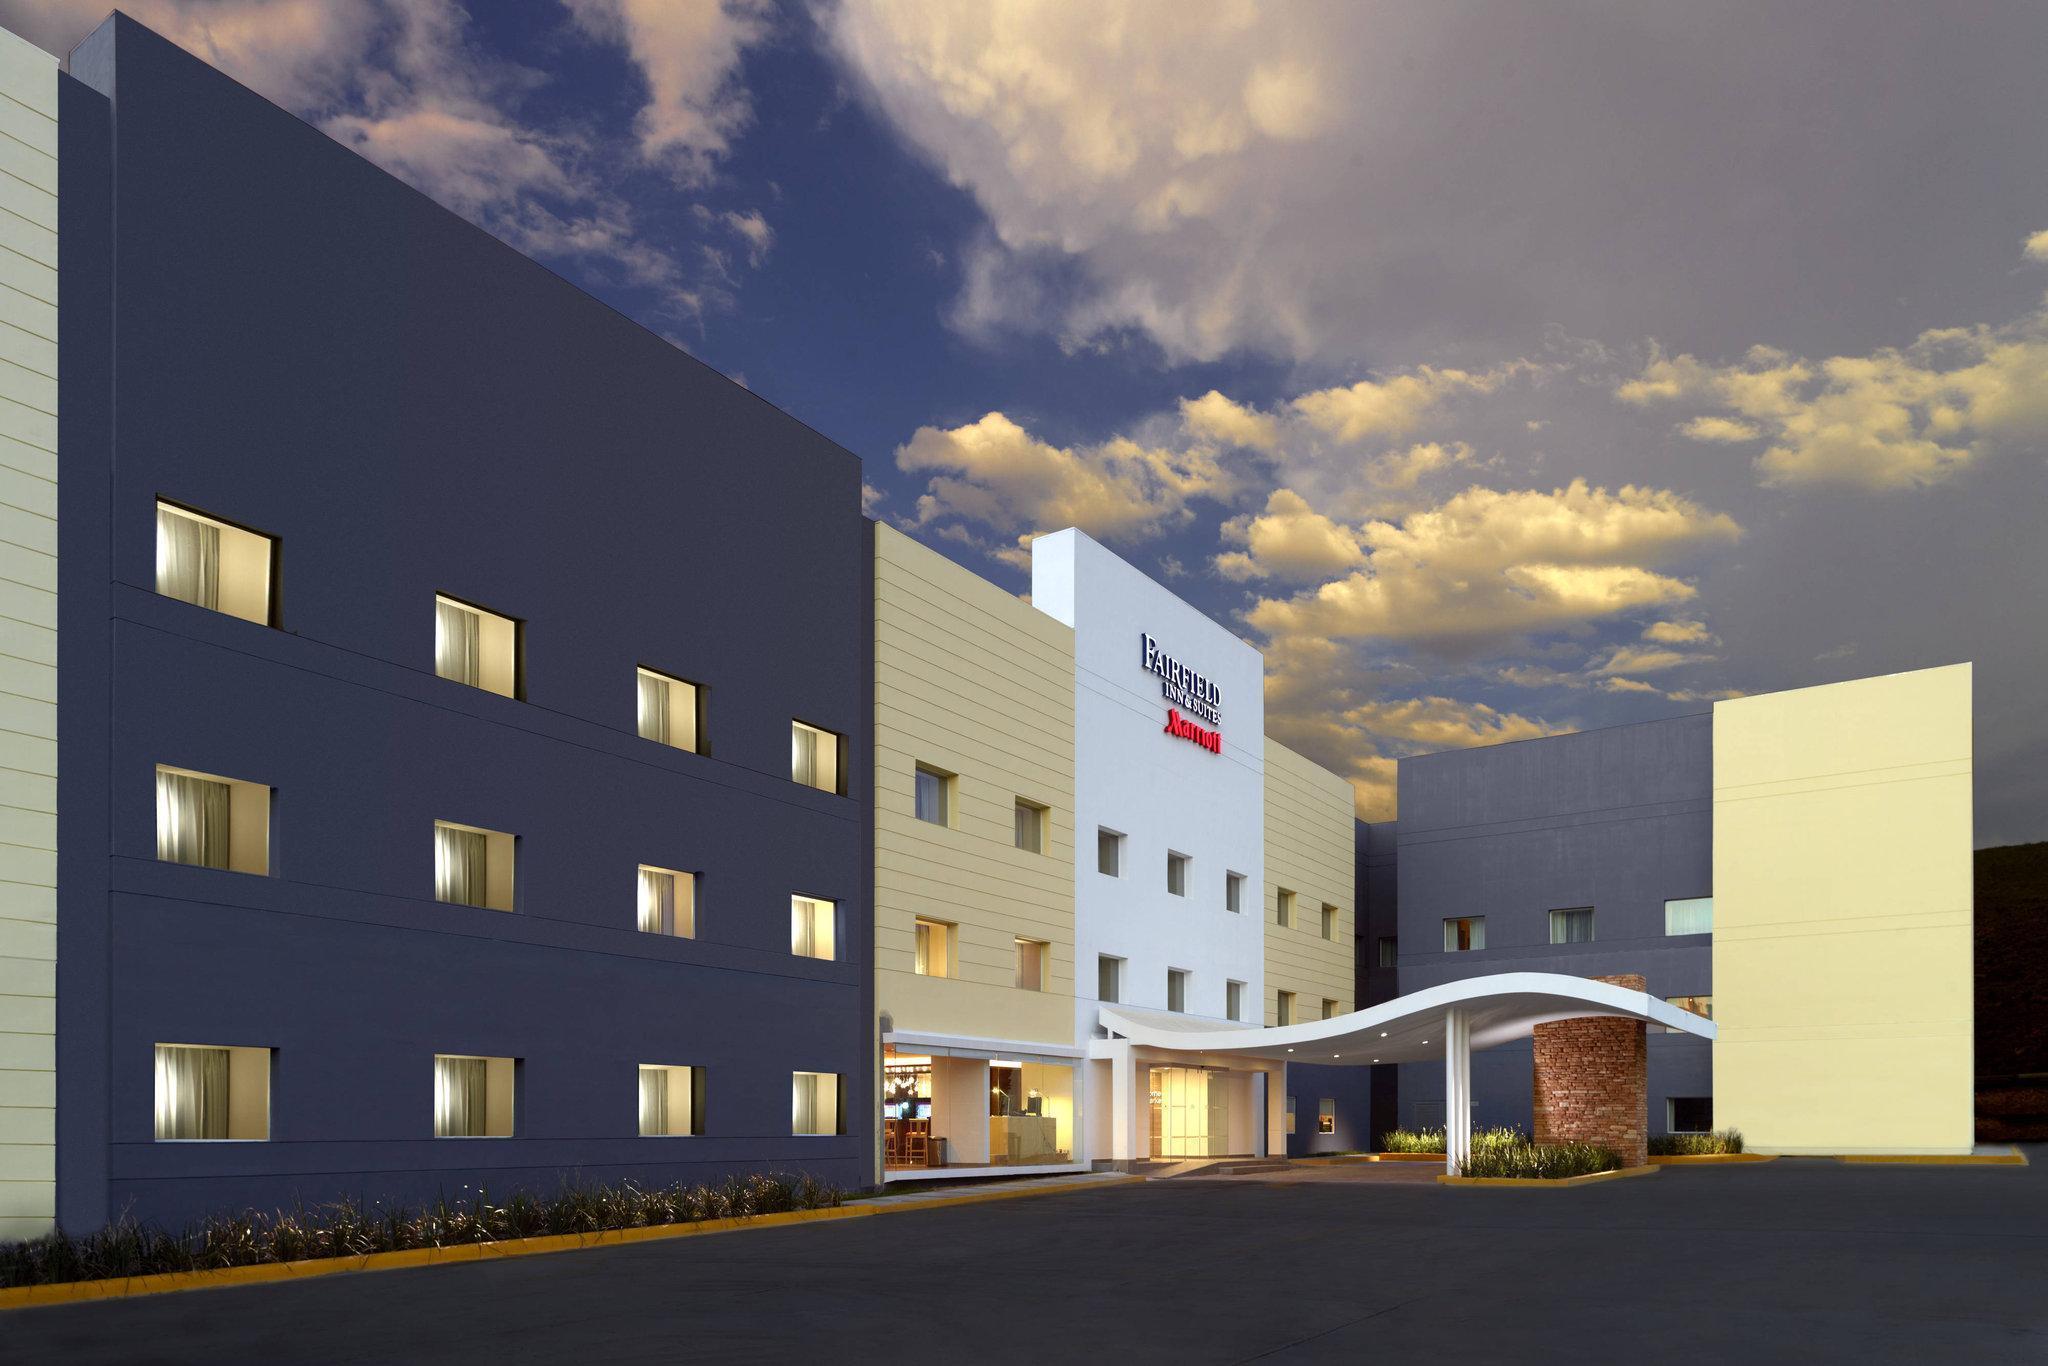 Fairfield Inn And Suites Saltillo